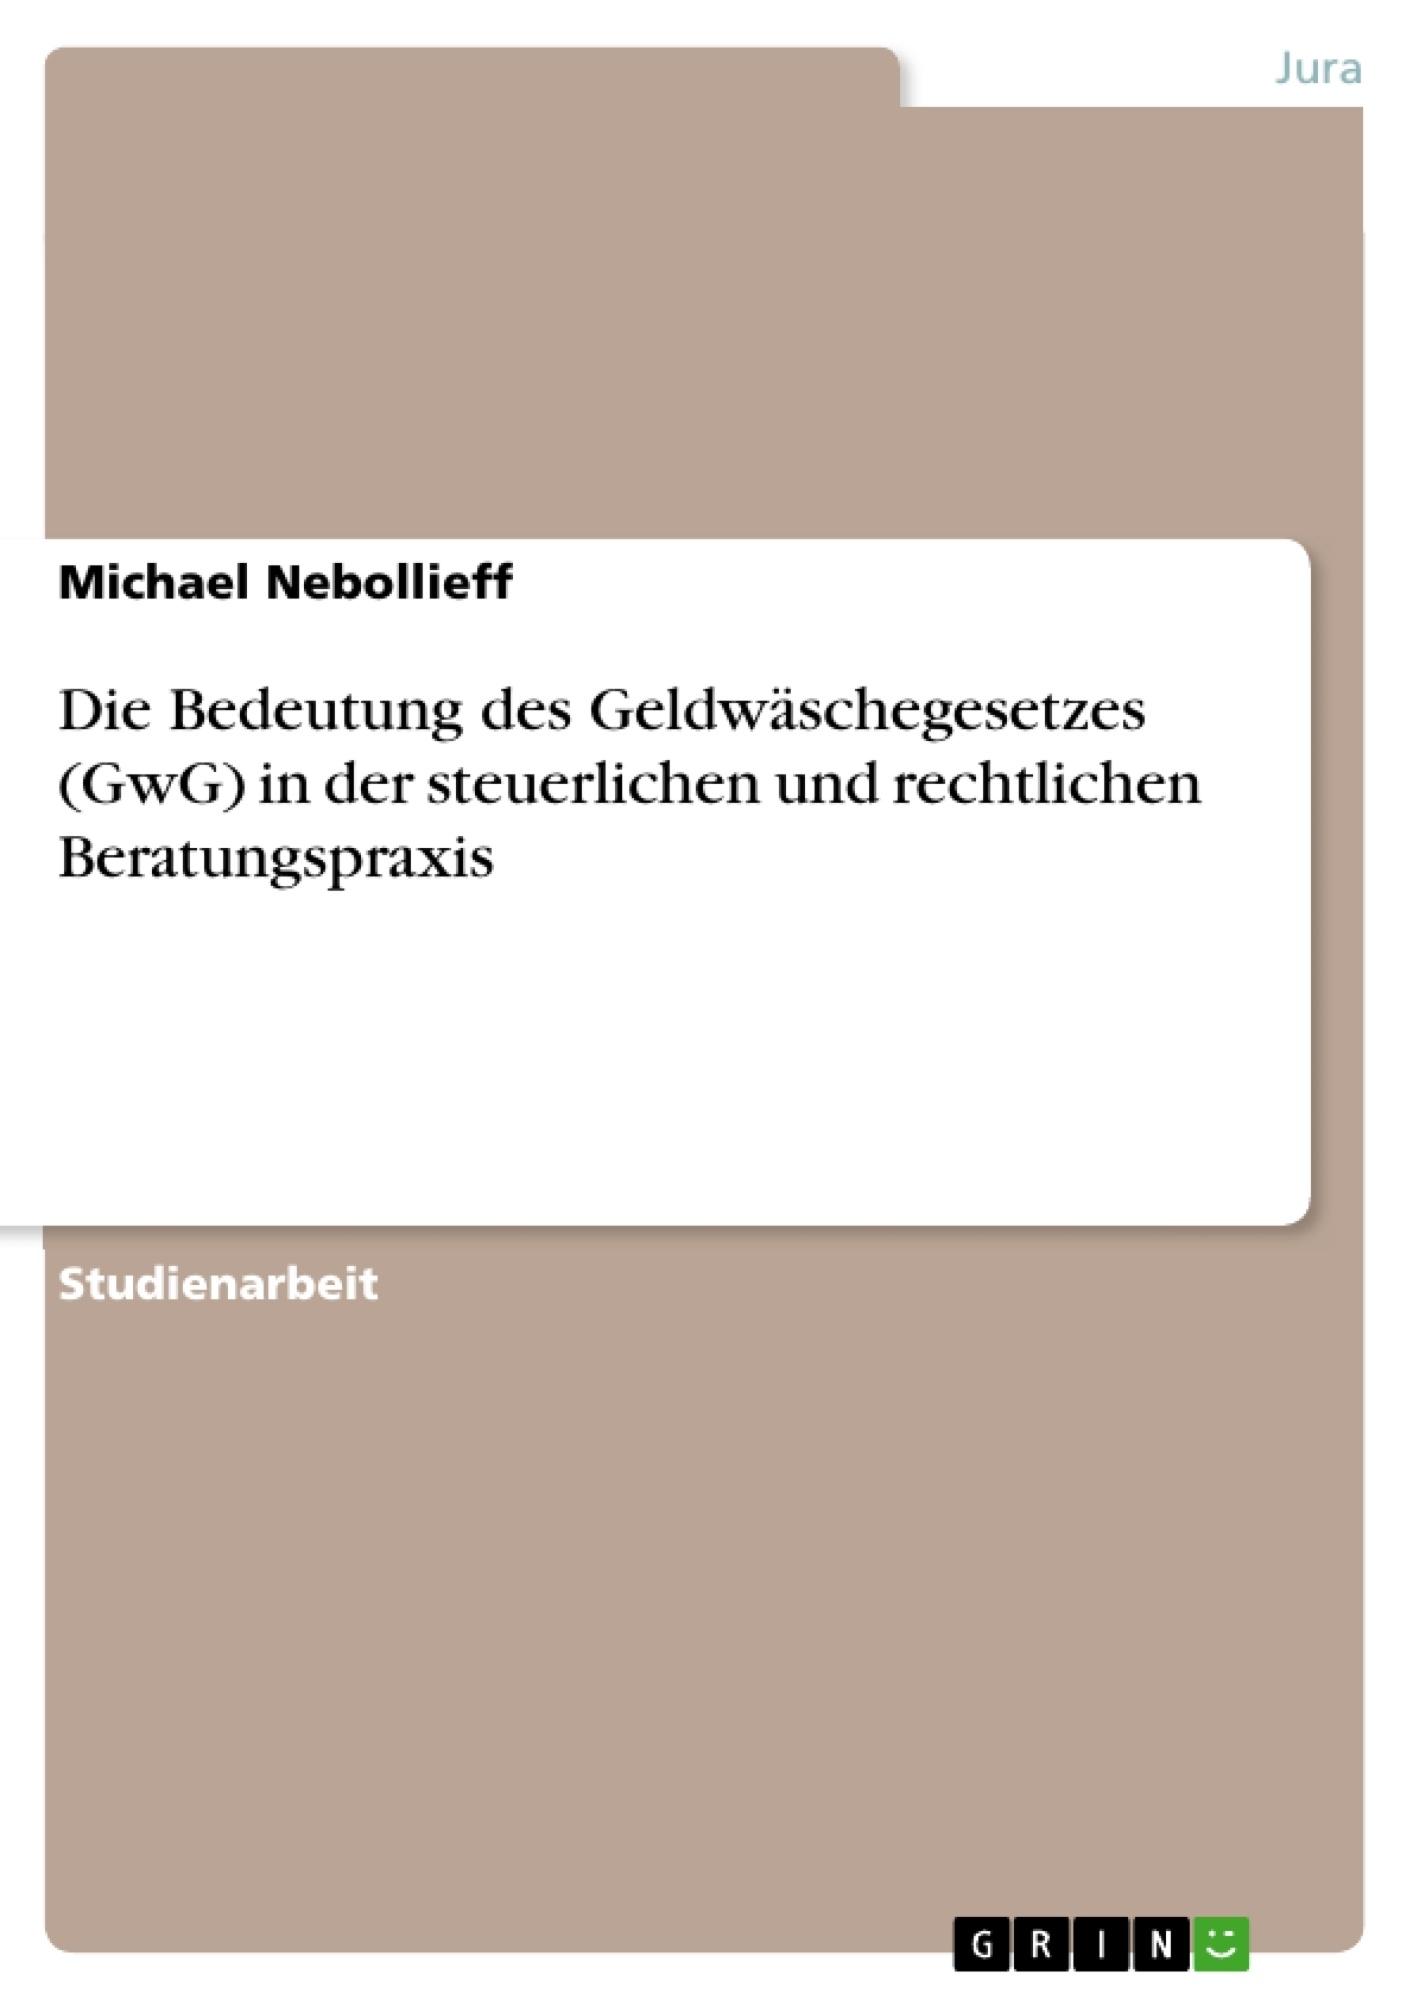 Titel: Die Bedeutung des Geldwäschegesetzes (GwG) in der steuerlichen und rechtlichen Beratungspraxis